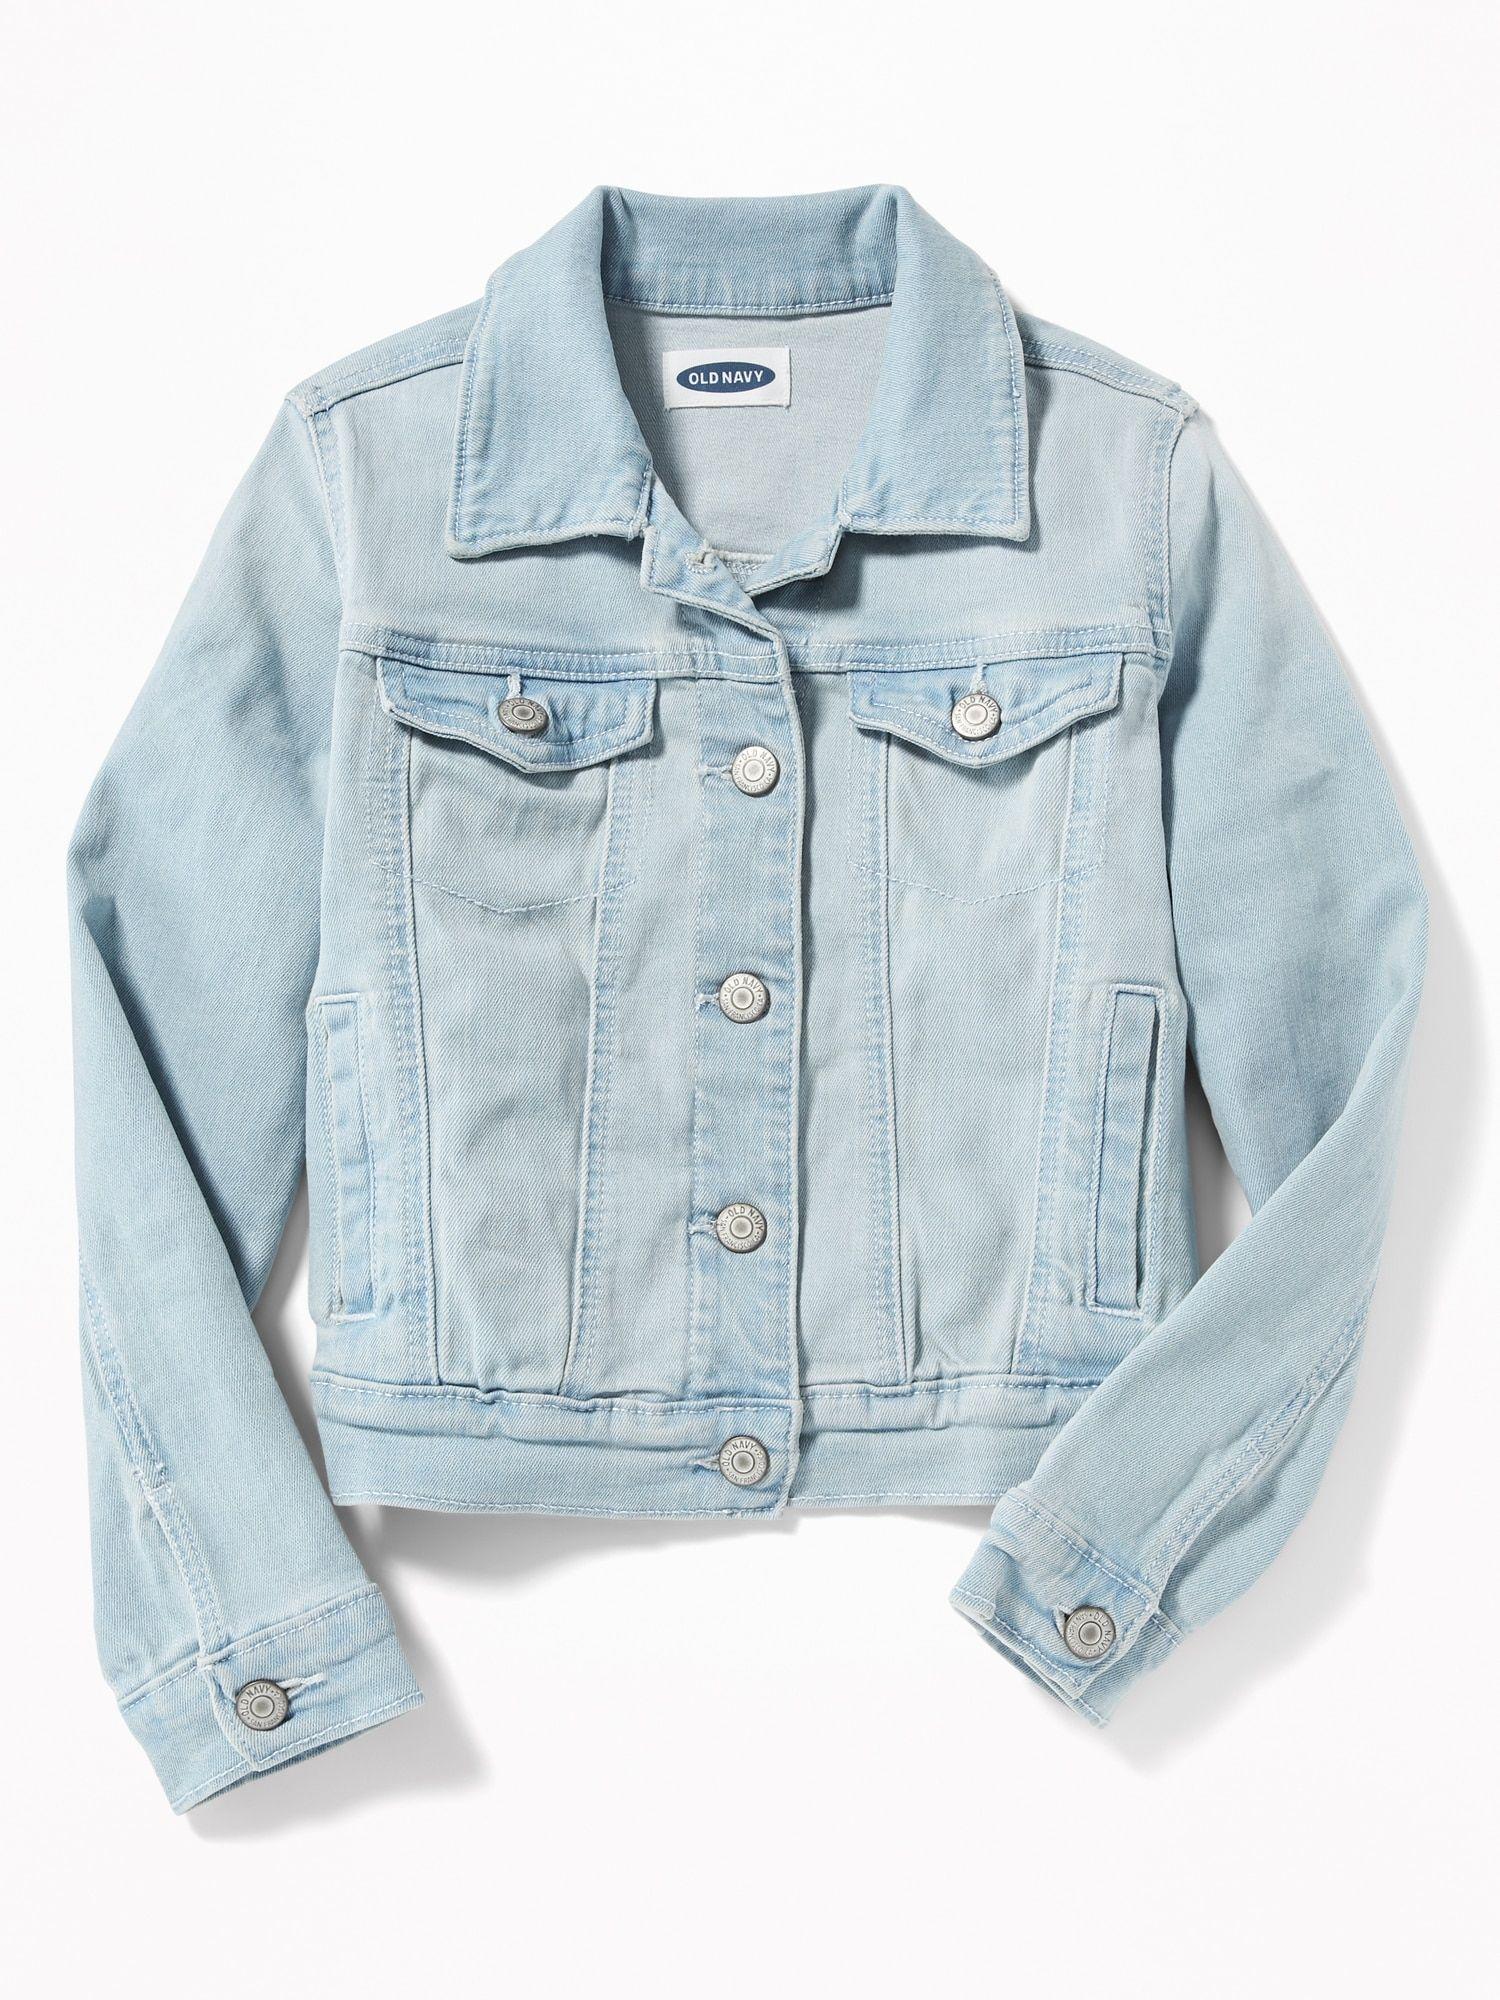 Light Wash Denim Jacket For Girls Old Navy Light Wash Jean Jacket Jean Jacket For Girls Light Wash Denim Jacket [ 2000 x 1500 Pixel ]